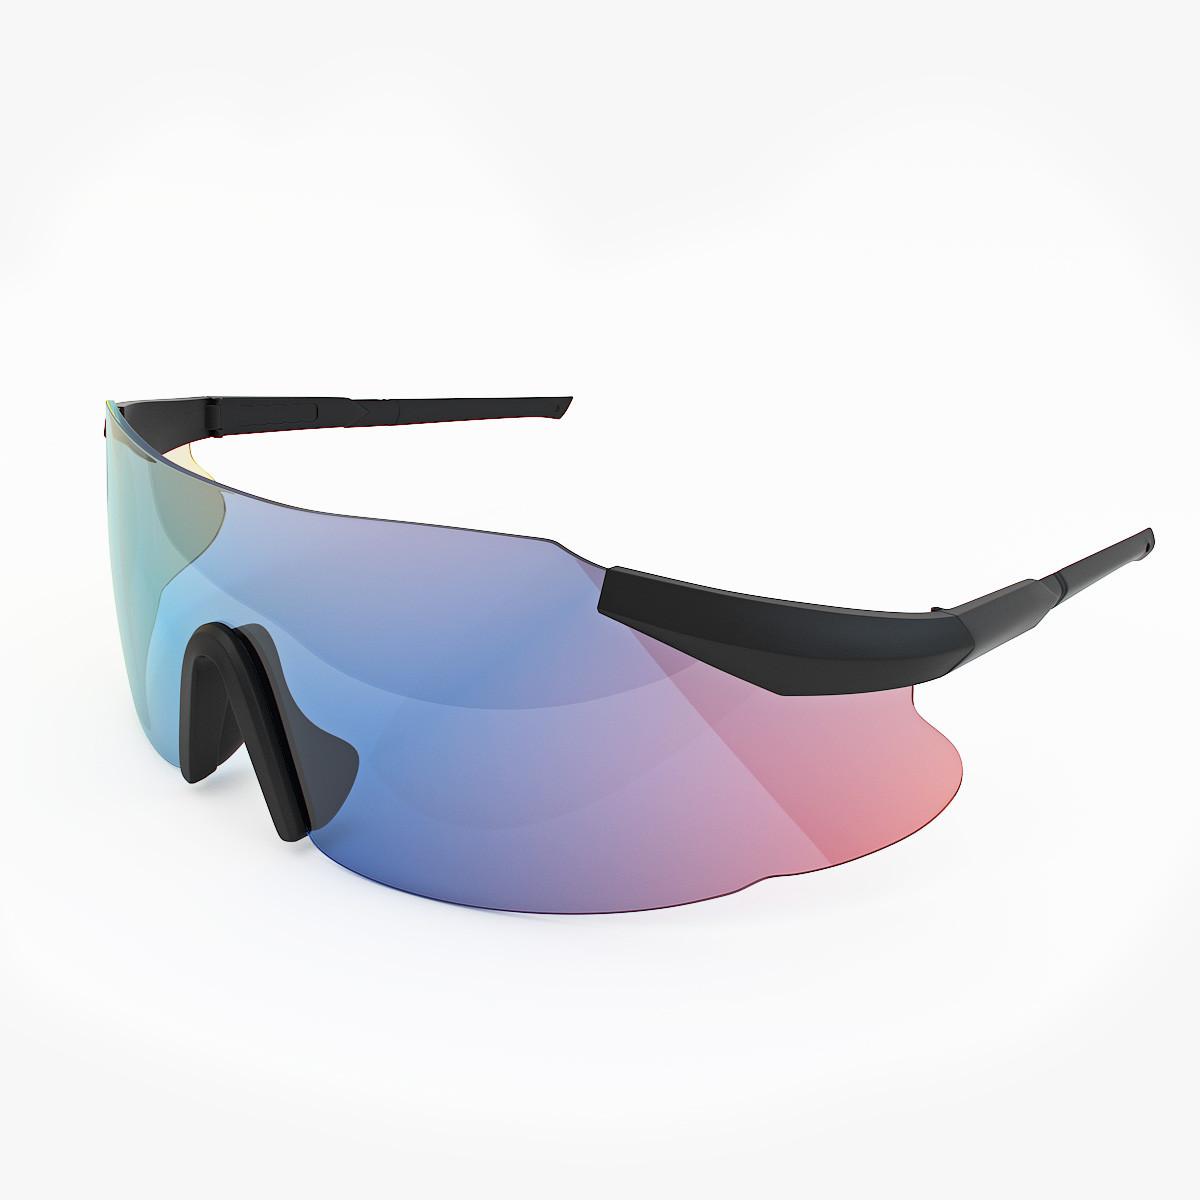 Spectacles ESS ICE_Basic_Light_00000.jpg